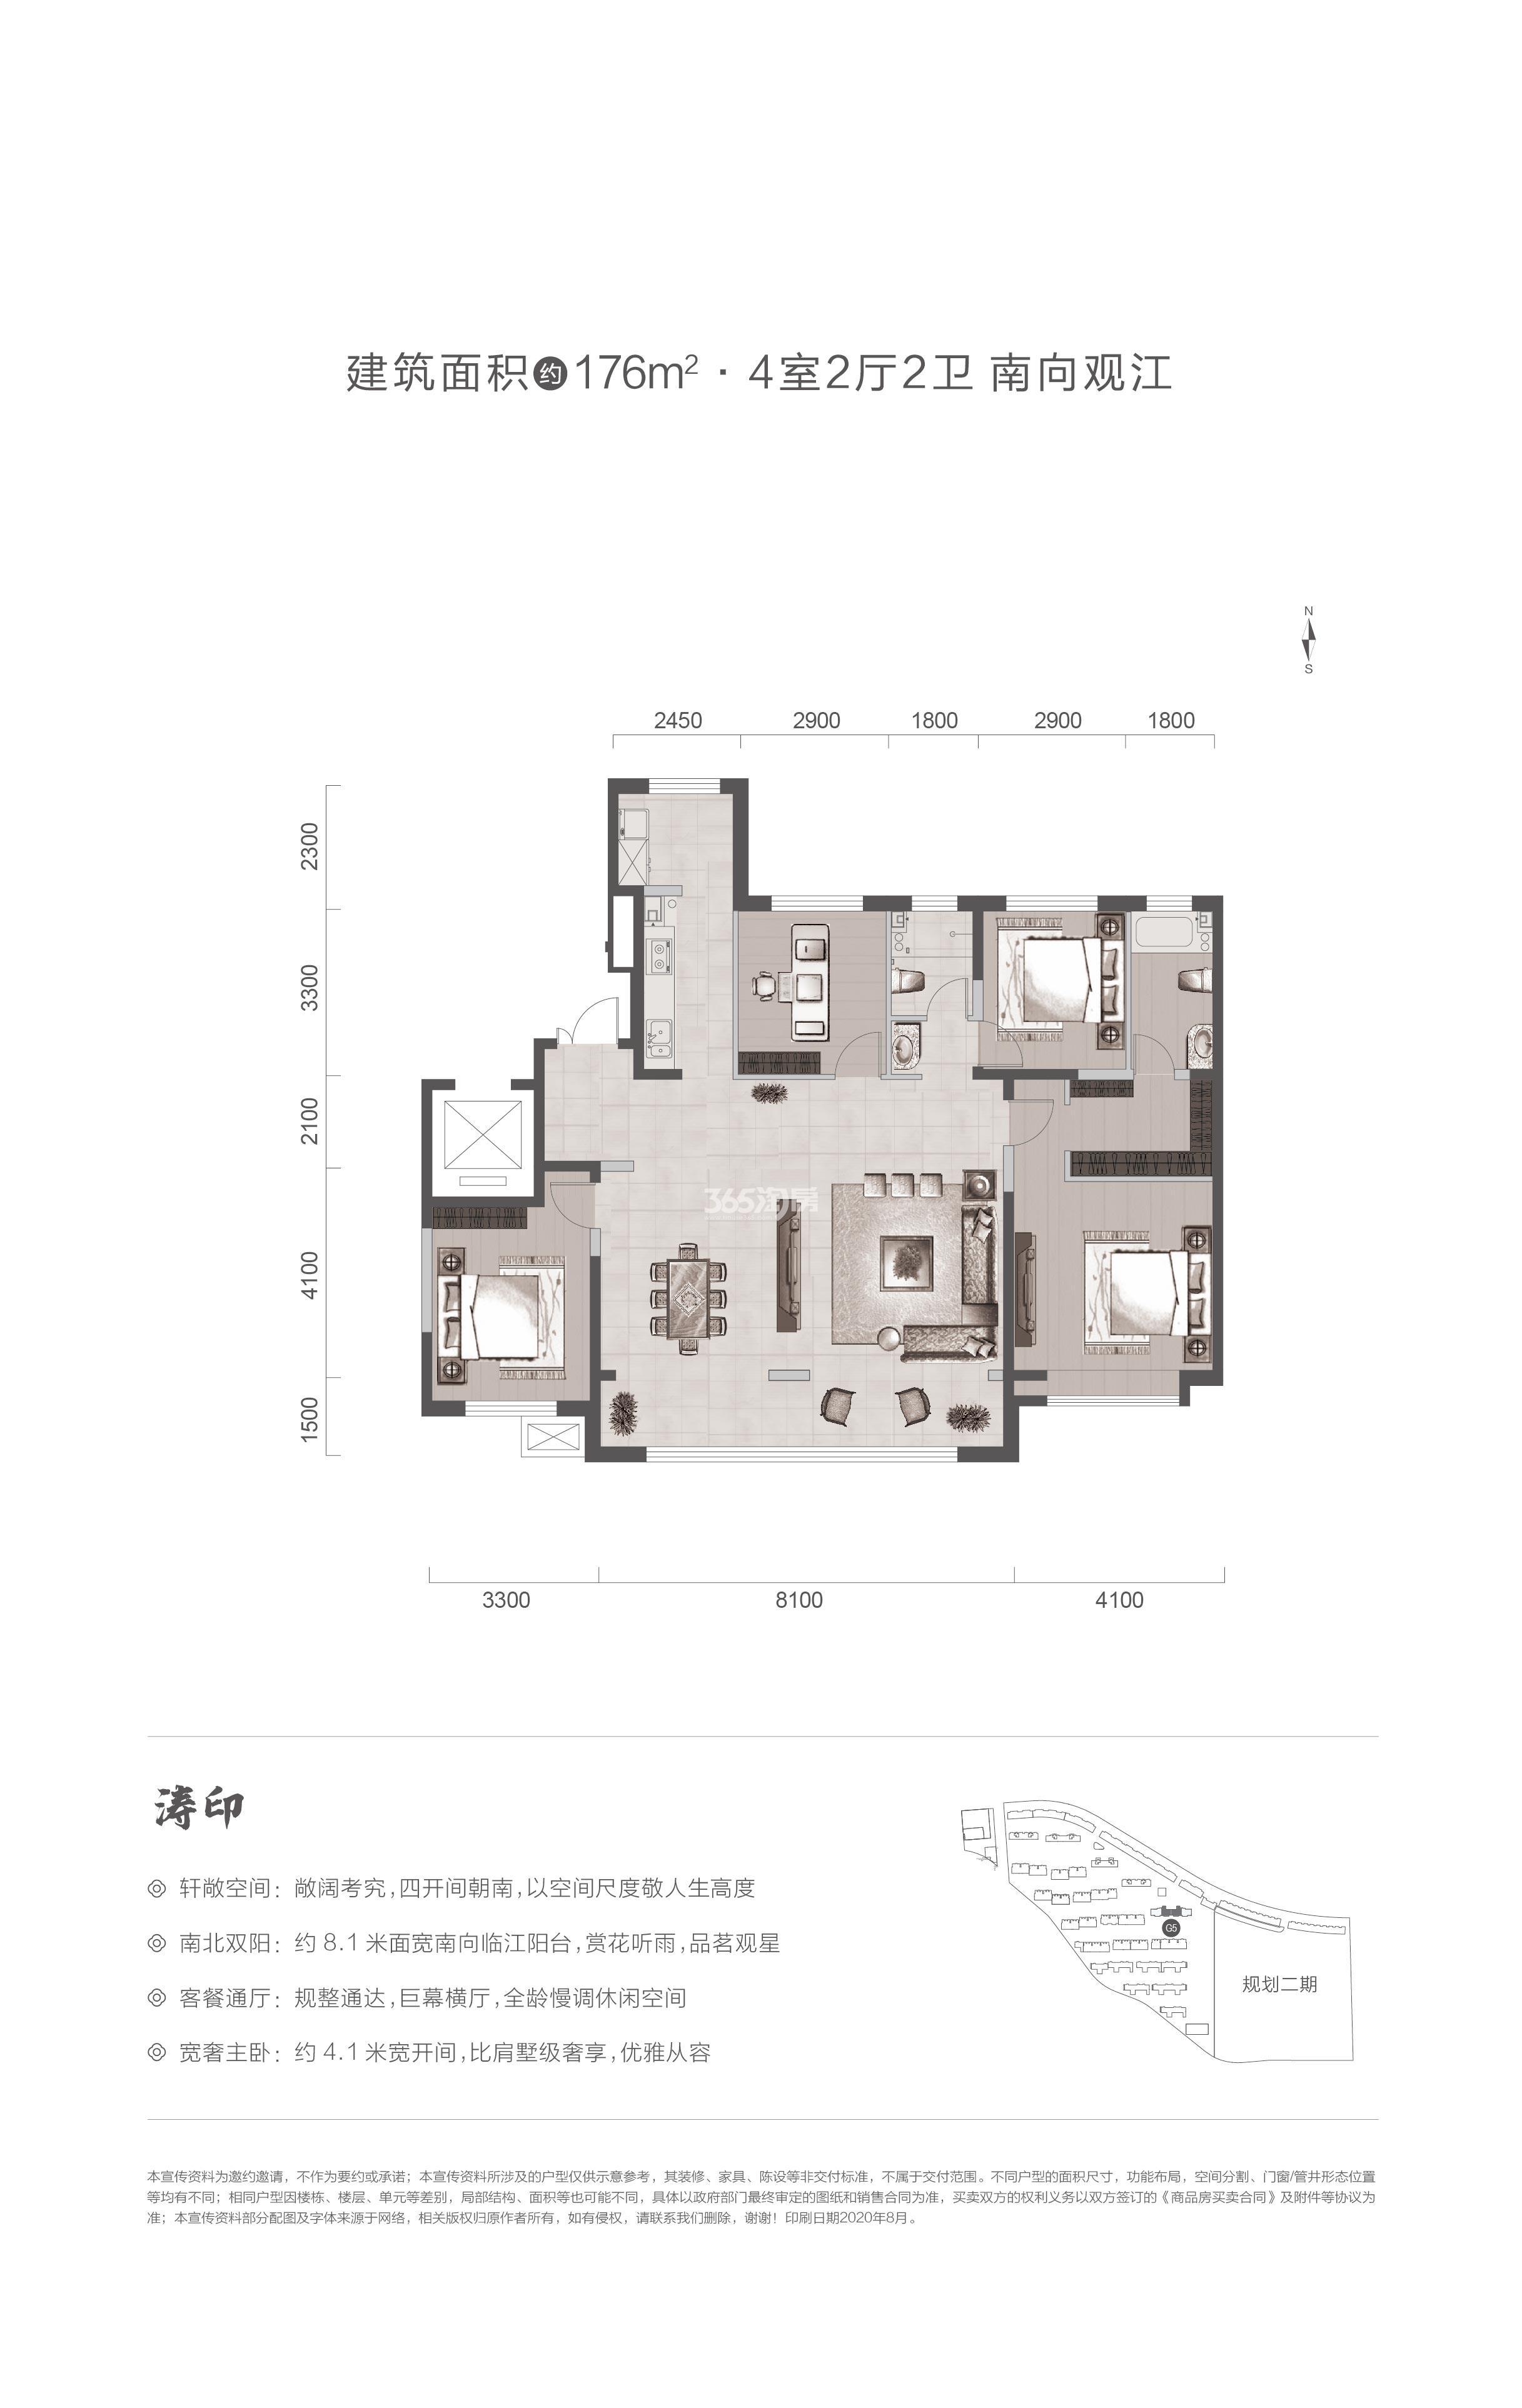 176㎡ 4室2厅2卫